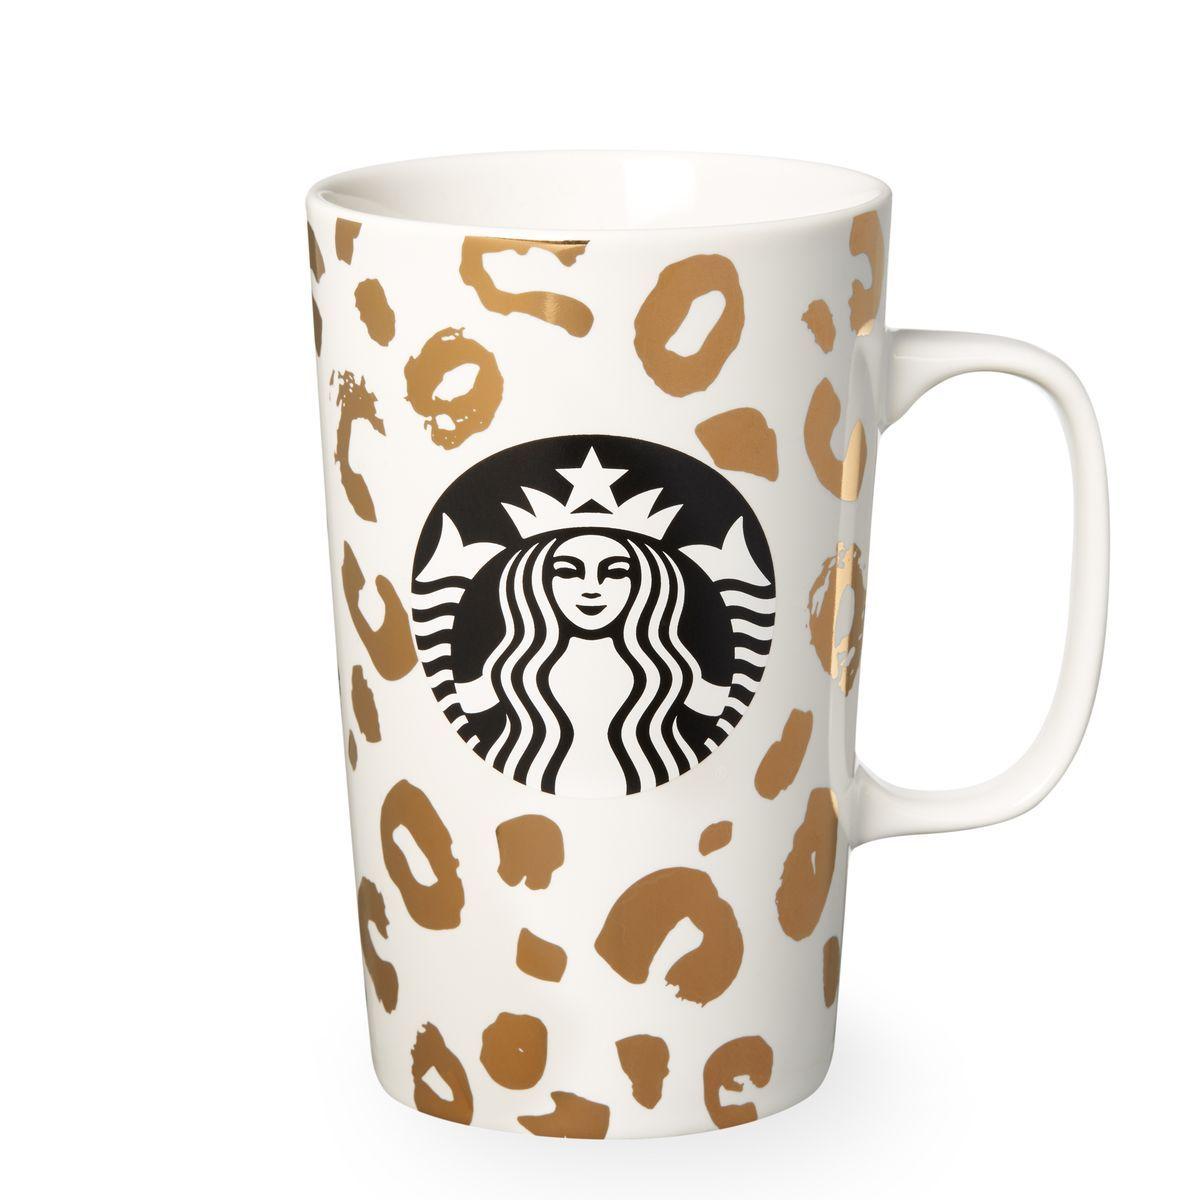 Leopard Print Mug 16 Fl Oz Mugs Coffee Mugs Starbucks